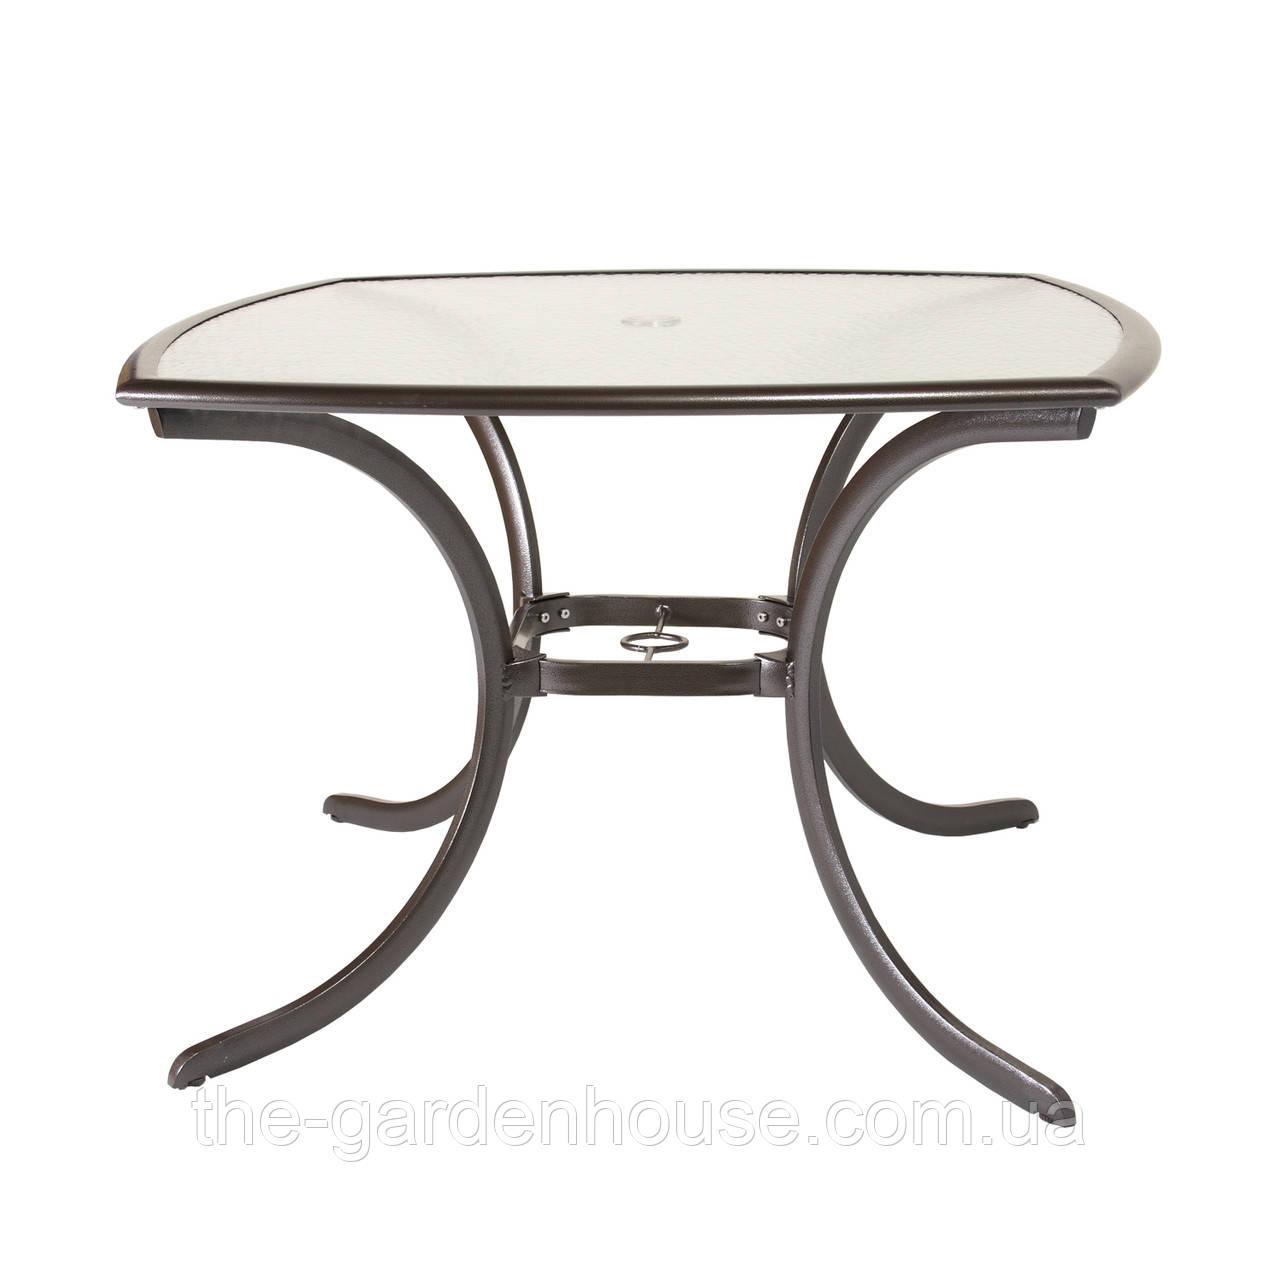 Обеденный садовый стол со стеклом Montreal коричневый